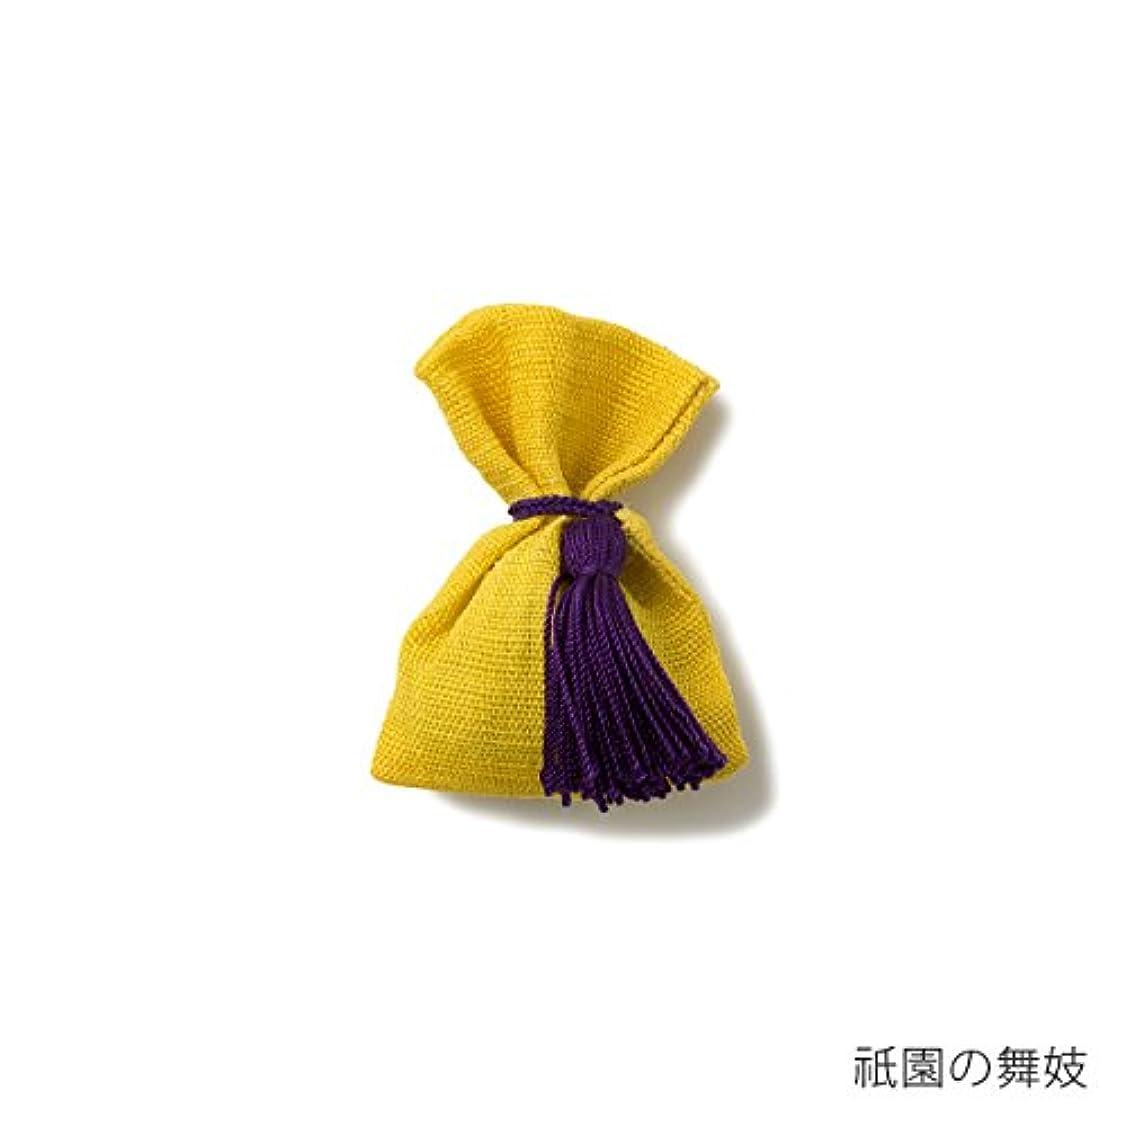 ジェーンオースティンシャトル空港【薫玉堂】 京の香り 香袋 祇園の舞妓